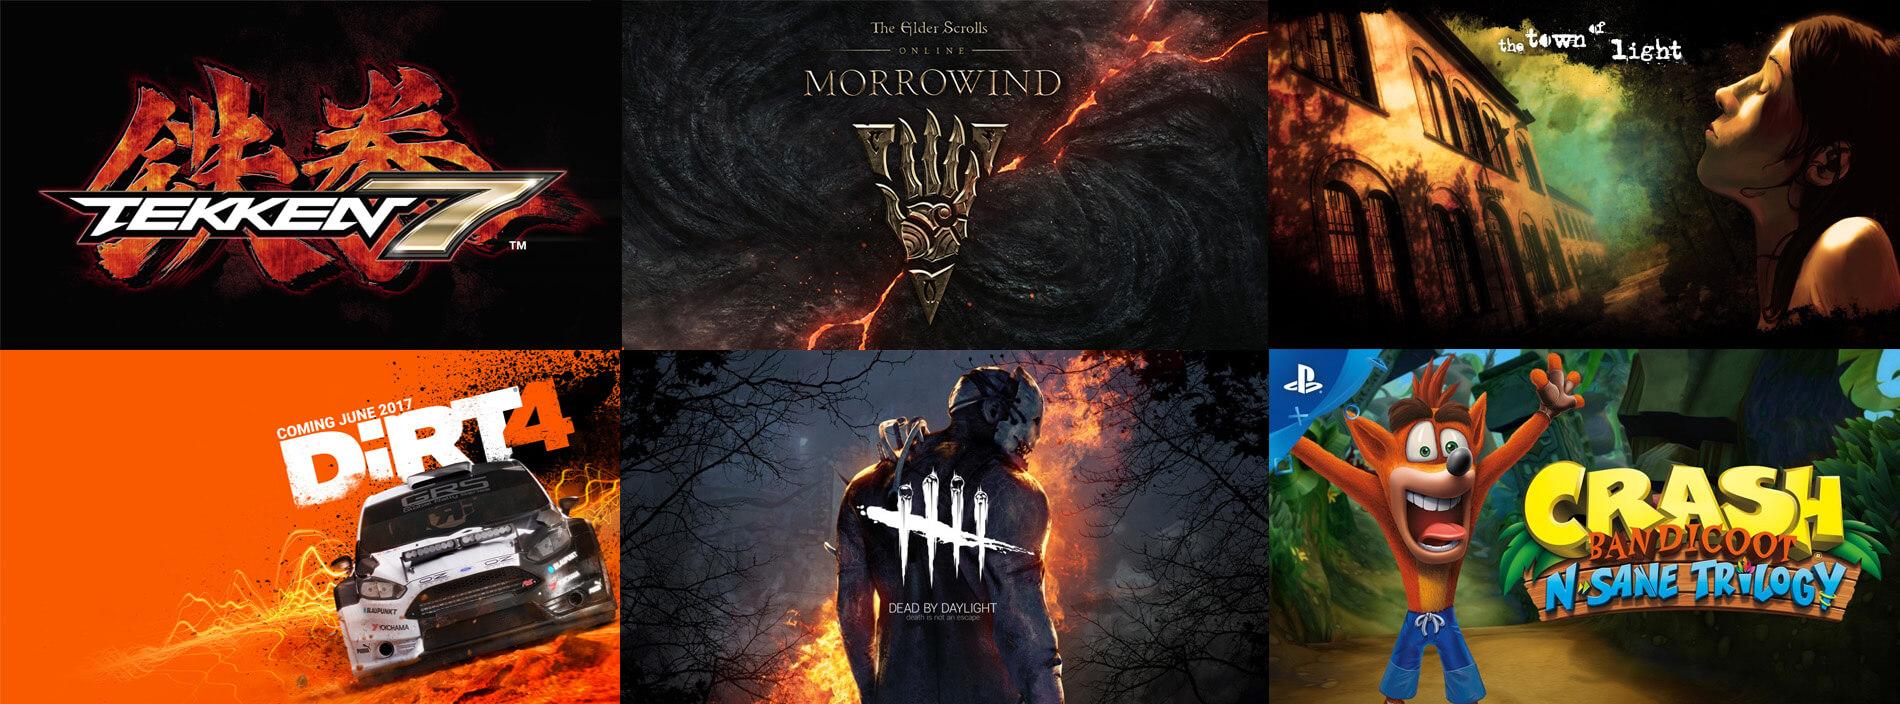 Upcoming Games June 2017